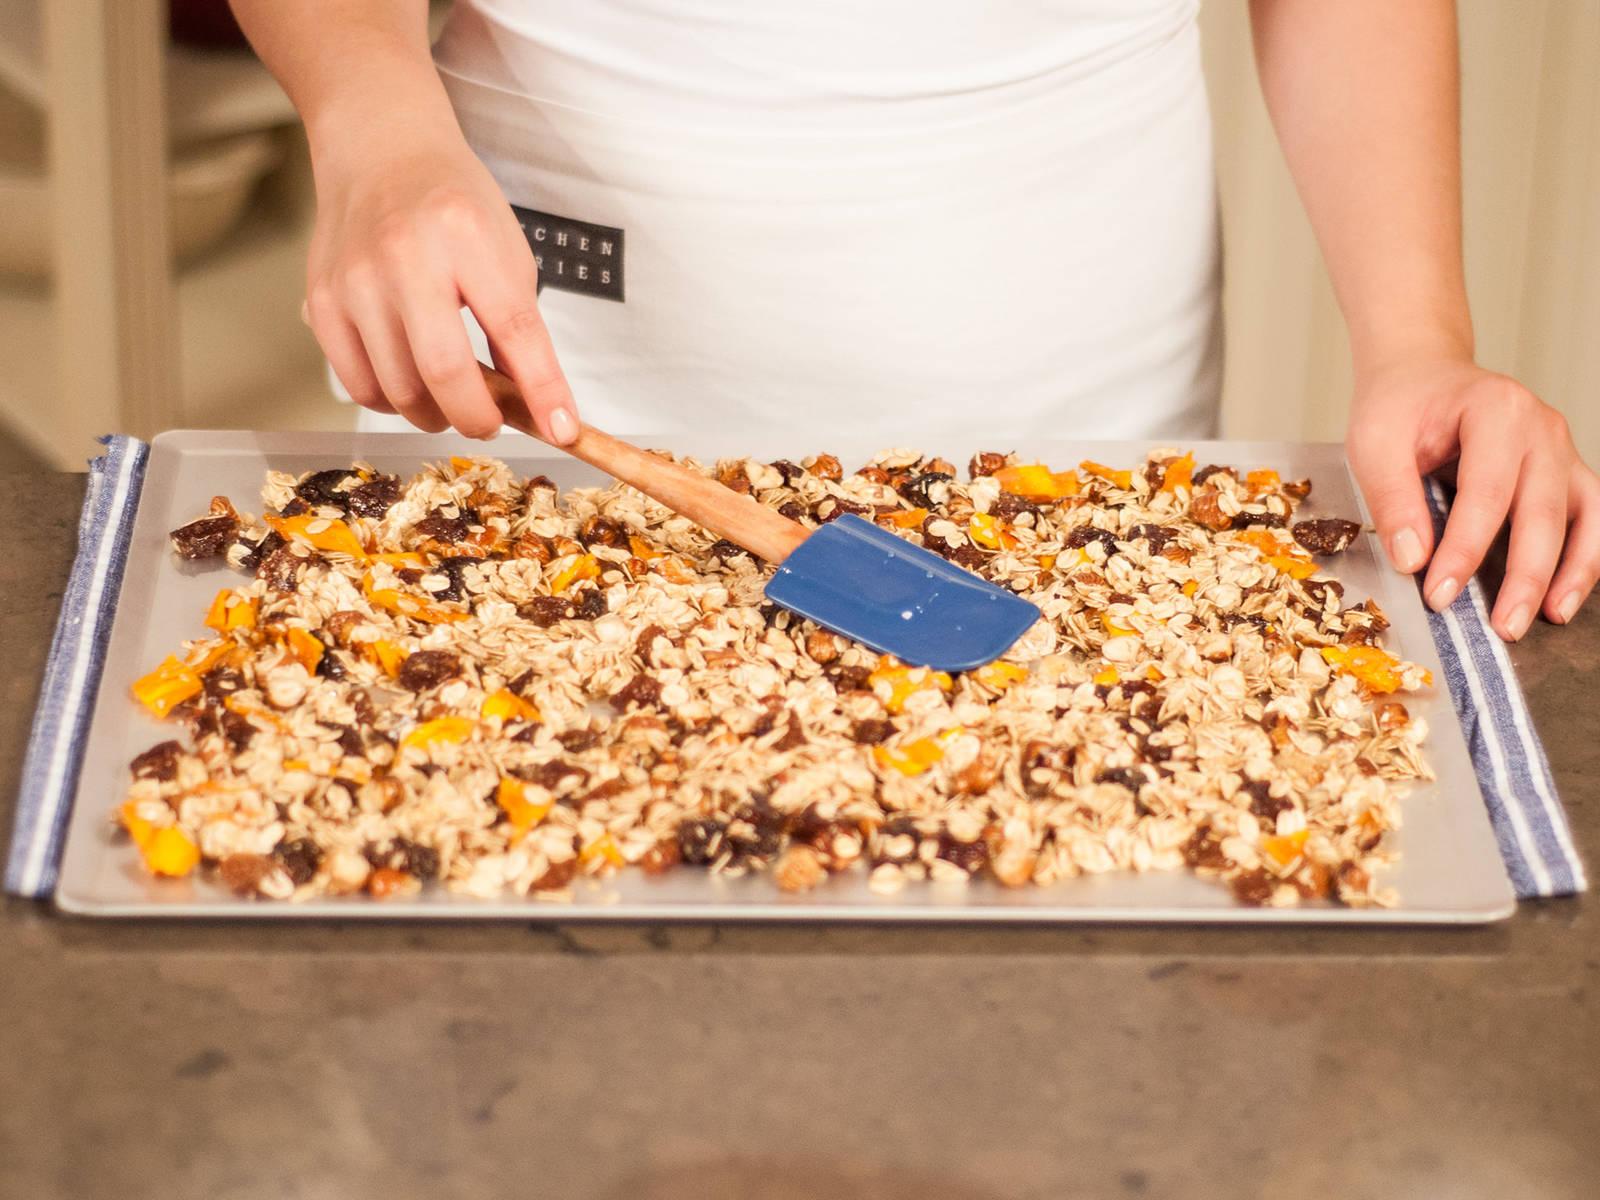 Granola gleichmäßig auf einem Backblech verteilen (wenn nötig mit Backpapier auslegen). Im vorgeheizten Backofen bei 180°C für ca. 15 – 20 Min. backen. Abkühlen lassen.